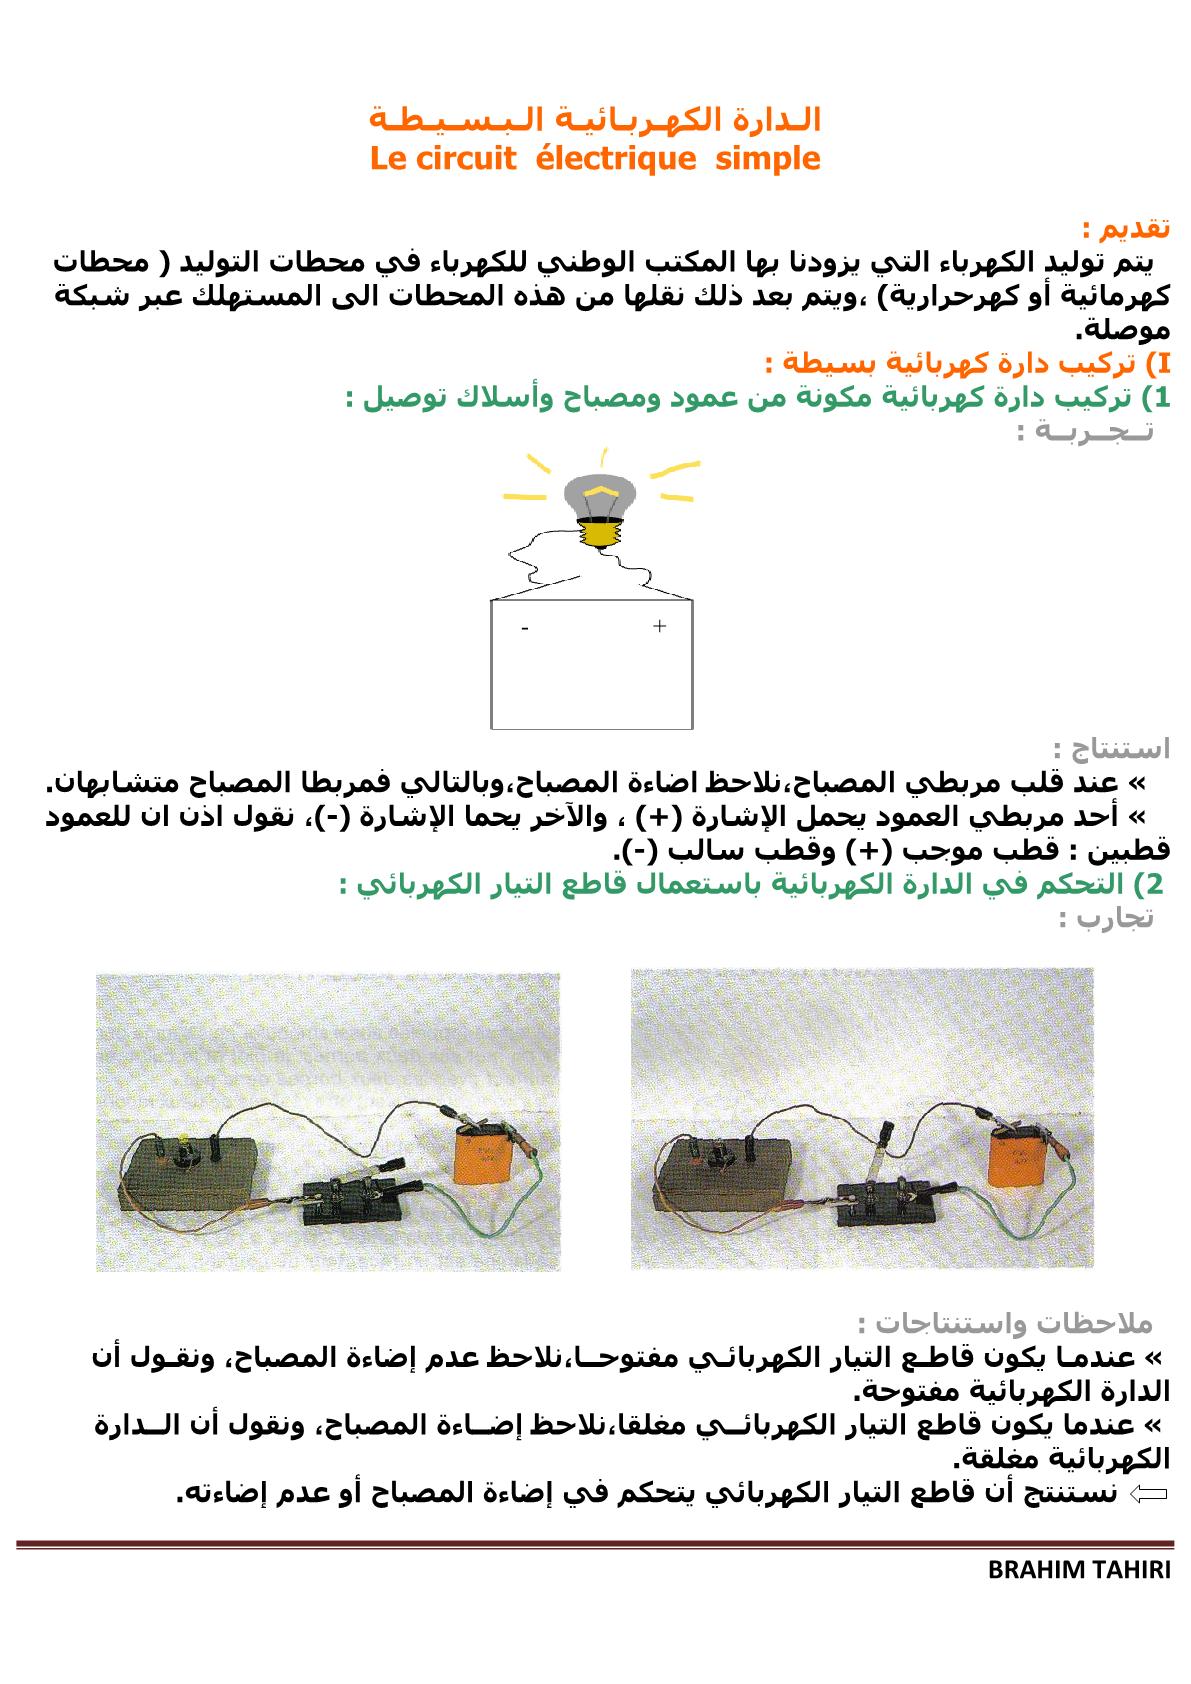 درس الدارة الكهربائية البسيطة للسنة الأولى إعدادي